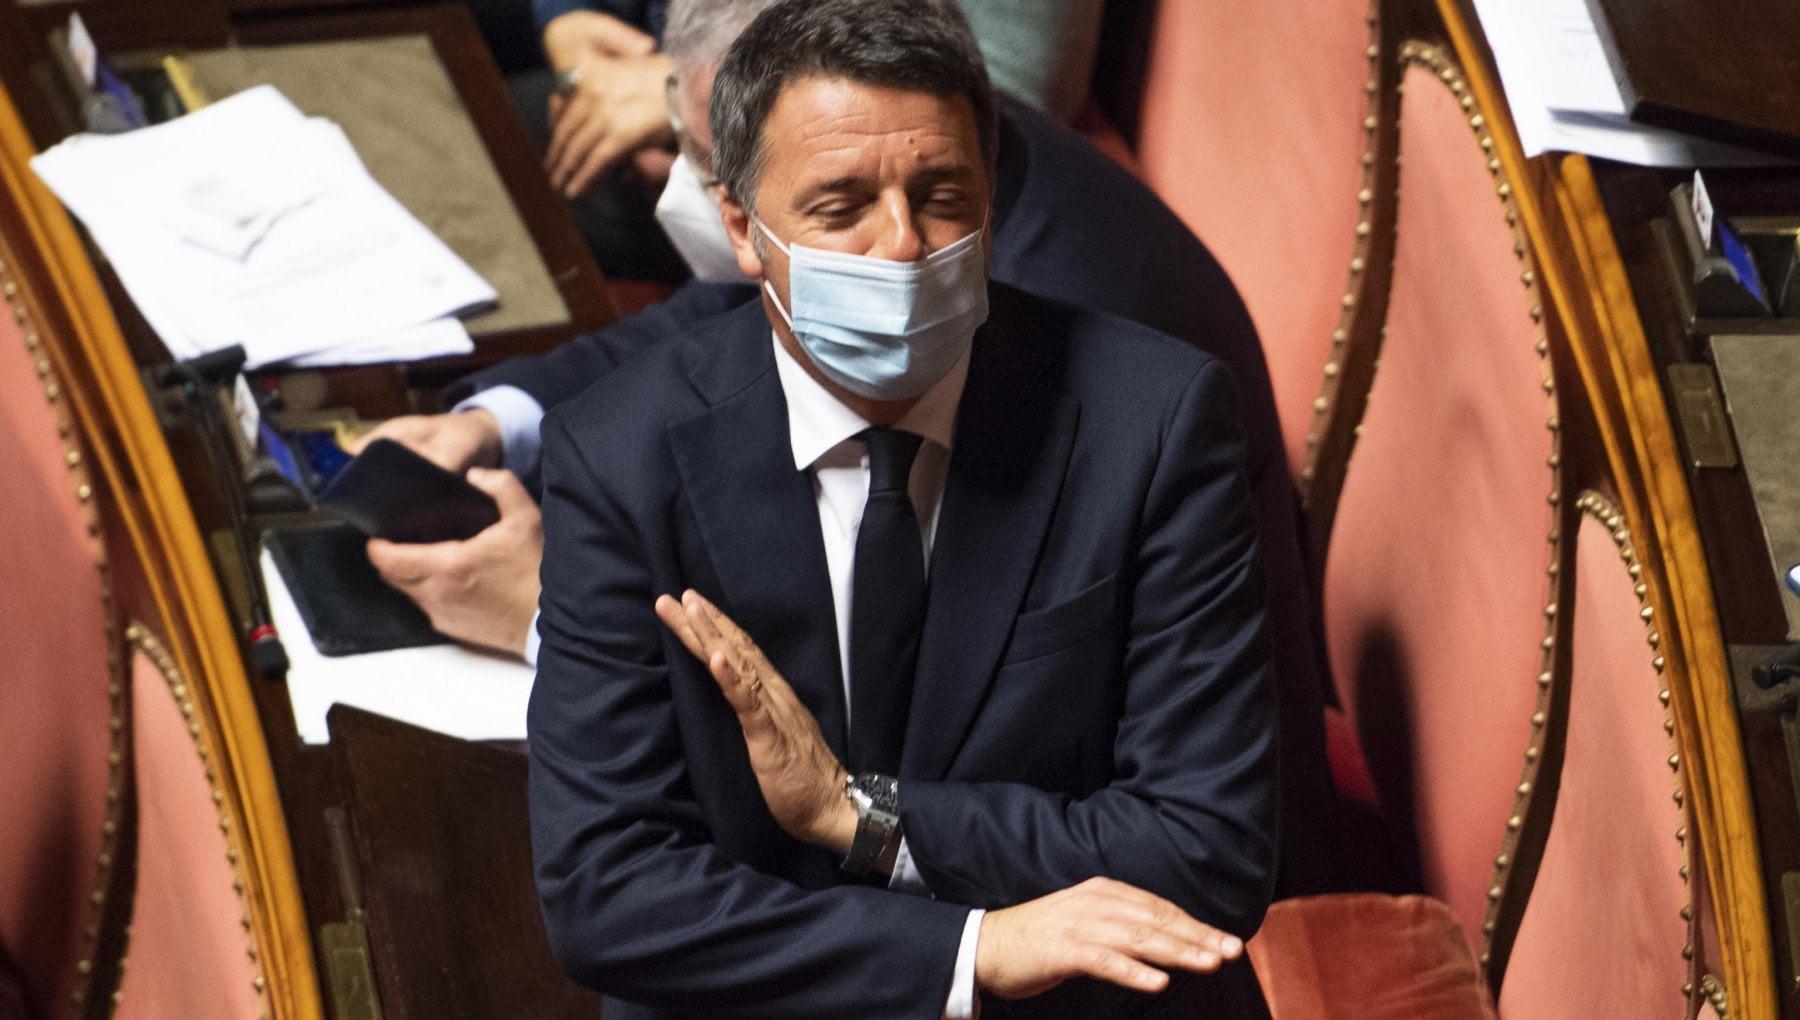 Governo Renzi Farlo cadere Non ci penso neppure. Basta polemiche ma ora Conte si muova